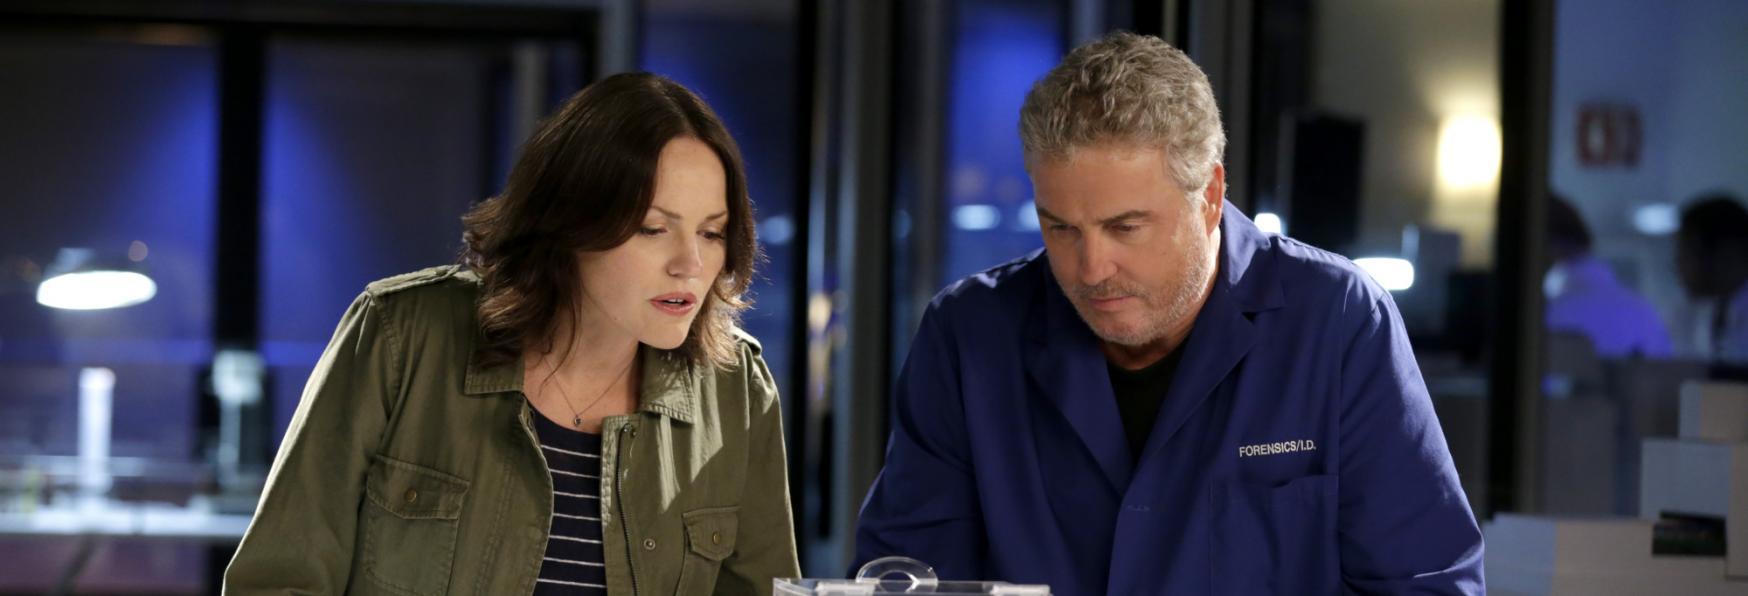 CSI: ecco i 5 Nuovi Compagni di Squadra di Gil e Sara nel Revival targato CBS